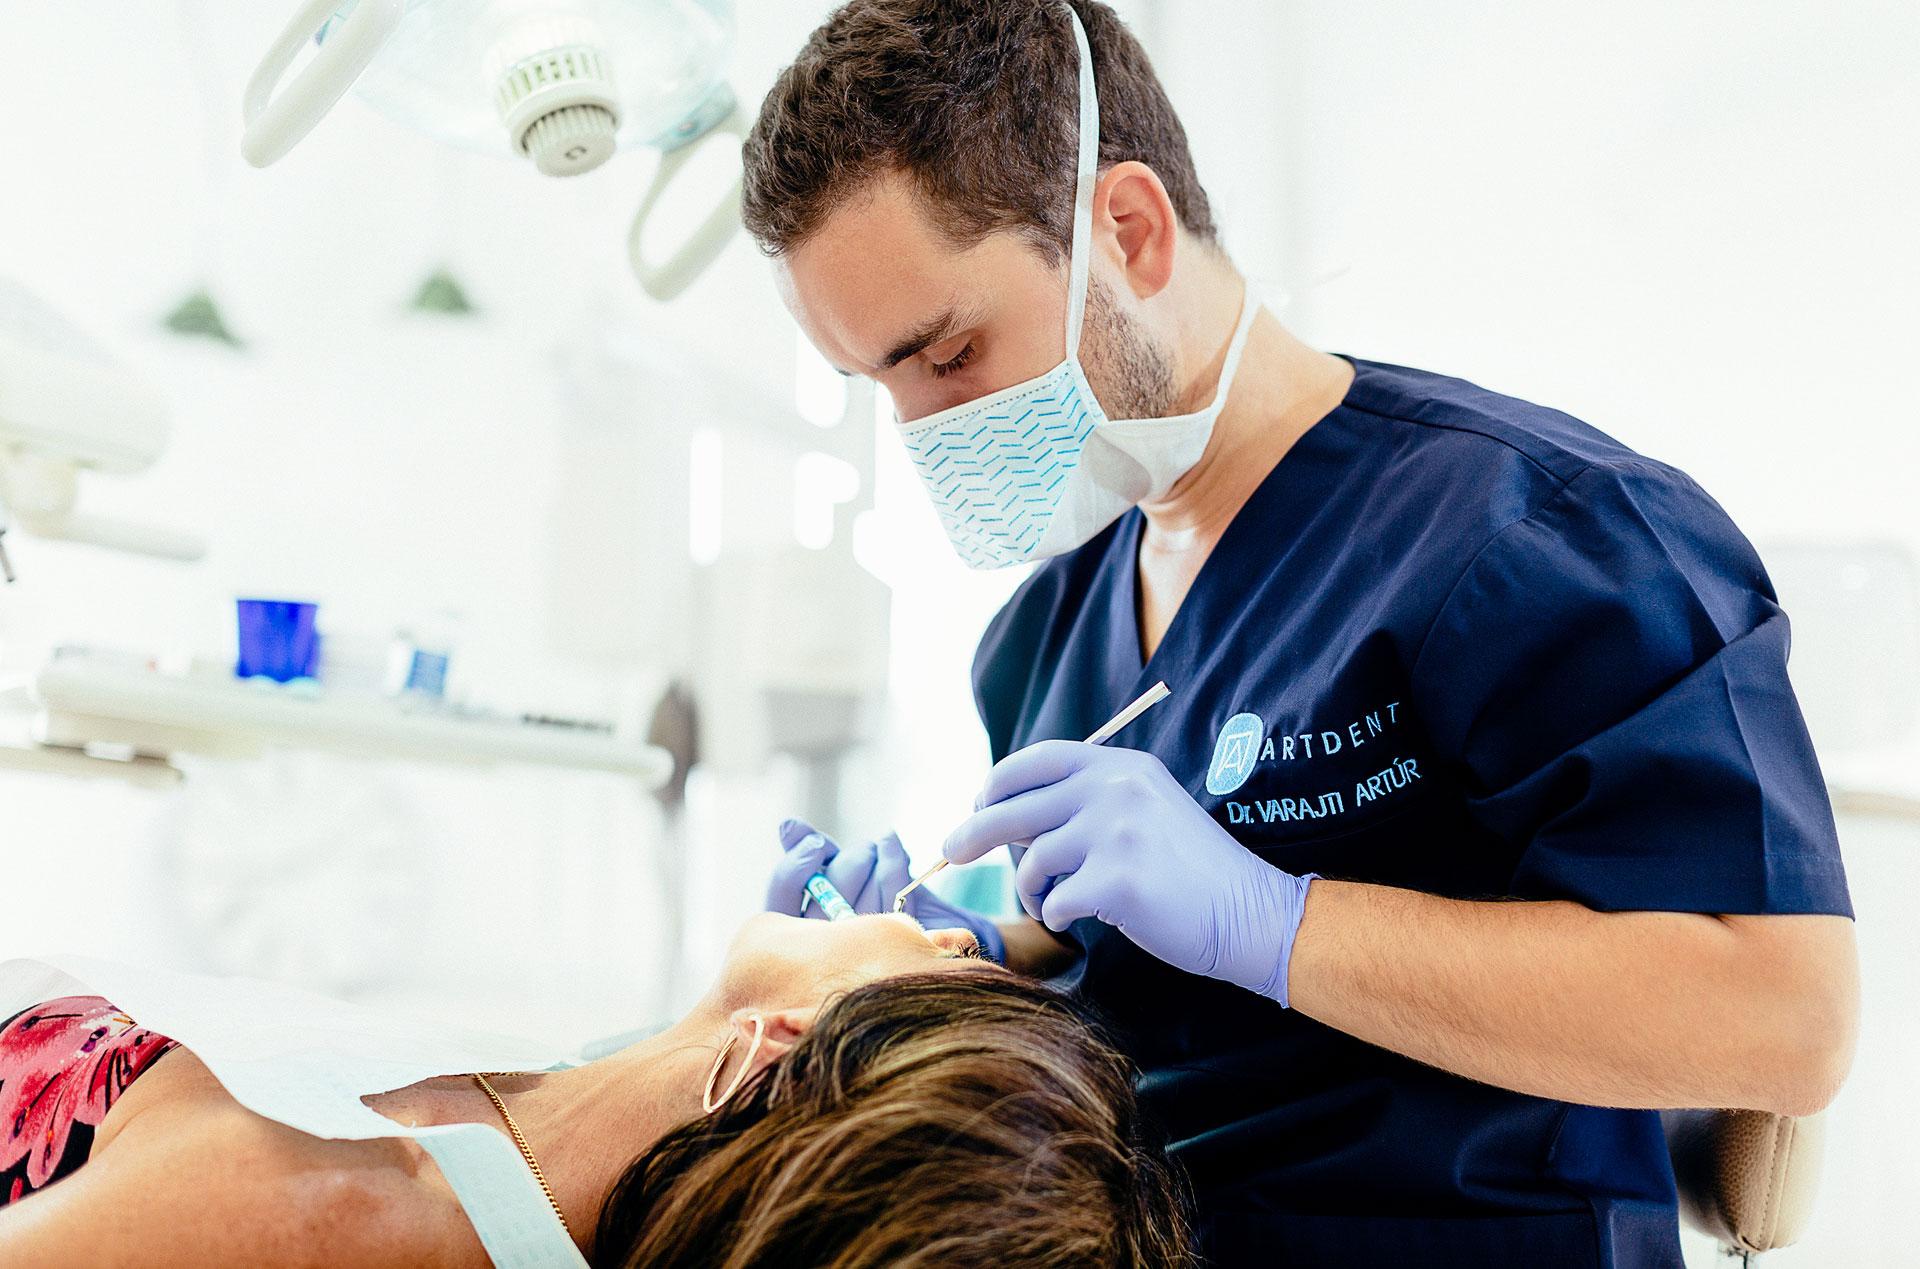 A budapesti fogászati rendelőben a szájsebész implantációs műtét előtt érzéstlenítőt ad a páciensnek.